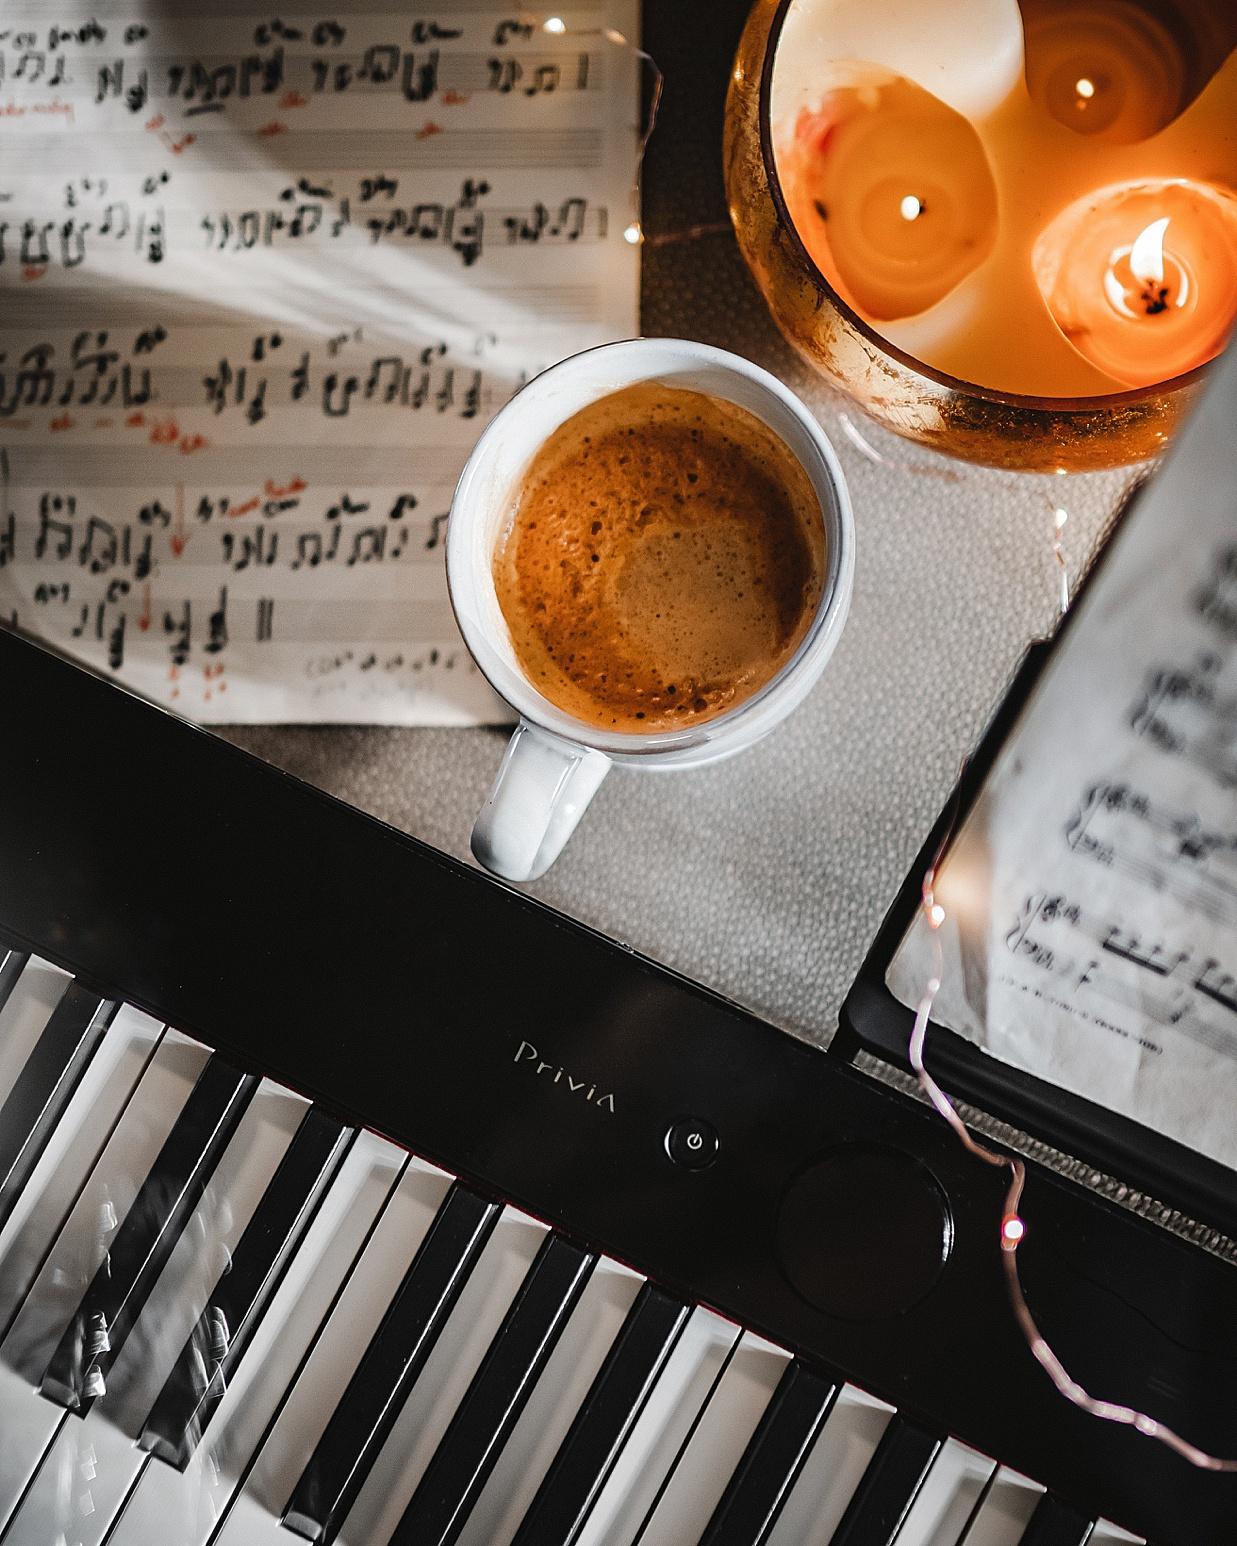 casio keyboard, casio, casio america, keyboard, christmas gift ideas, 2020 christmas gift ideas, digital keyboard, olivia rink keyboard, olivia rink piano, piano